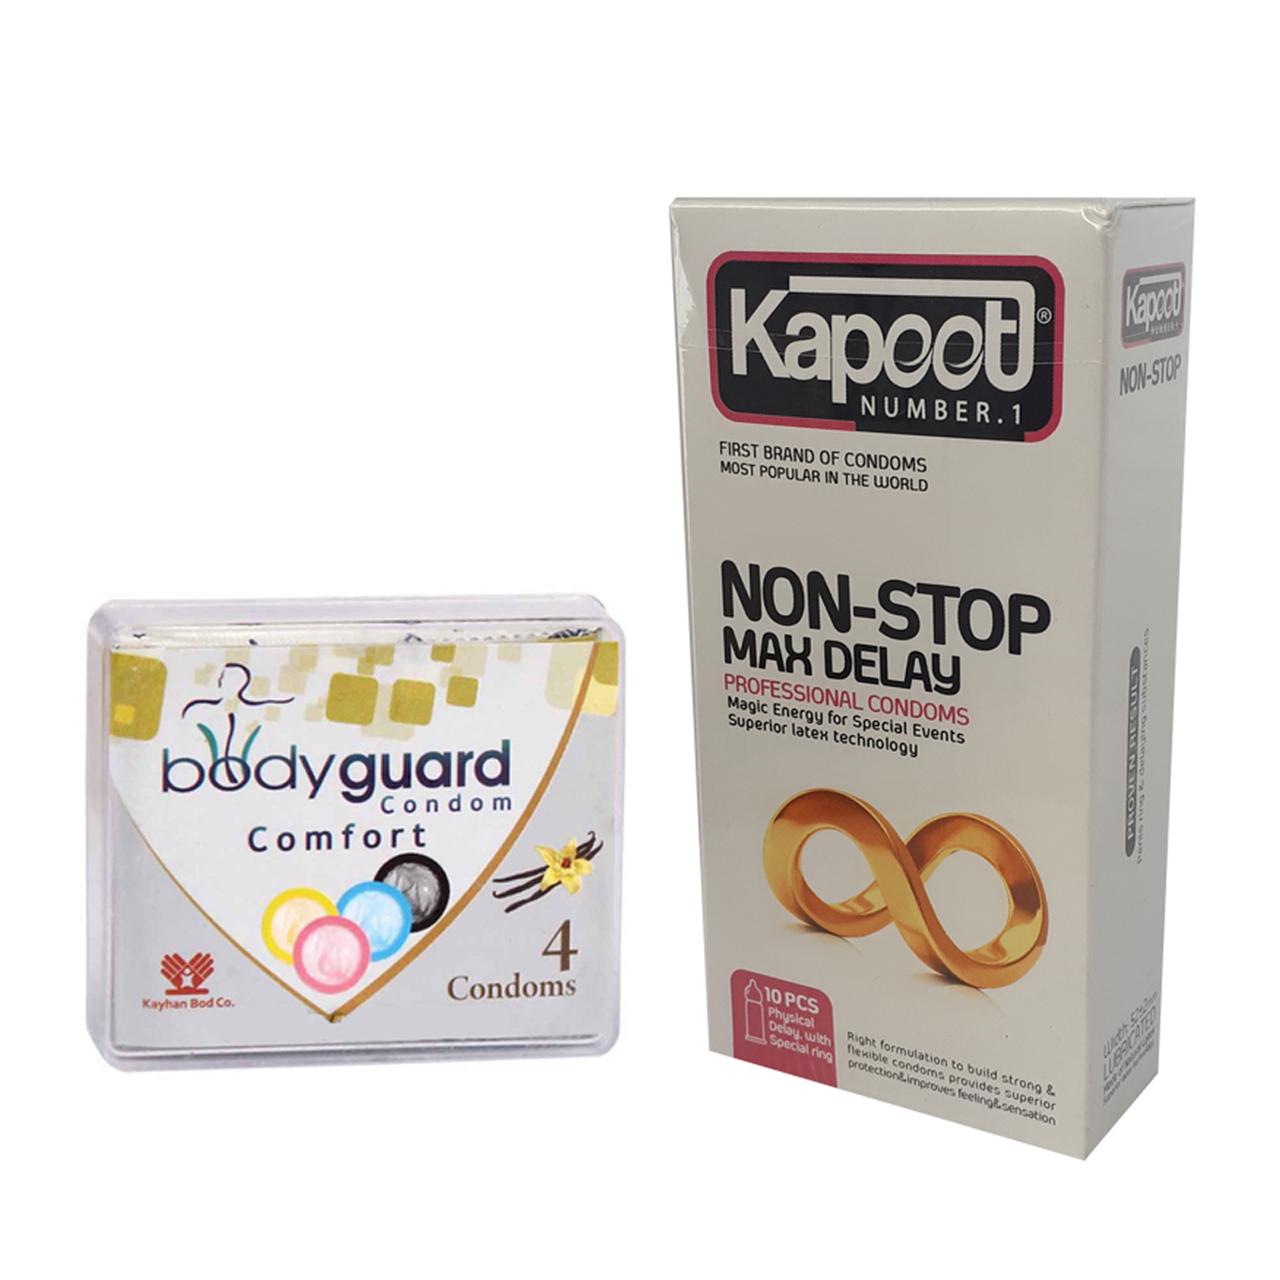 کاندوم کاپوت مدل Non Stop بسته 10 عددی به همراه کاندوم بادیگارد مدل Comfort بسته 4 عددی